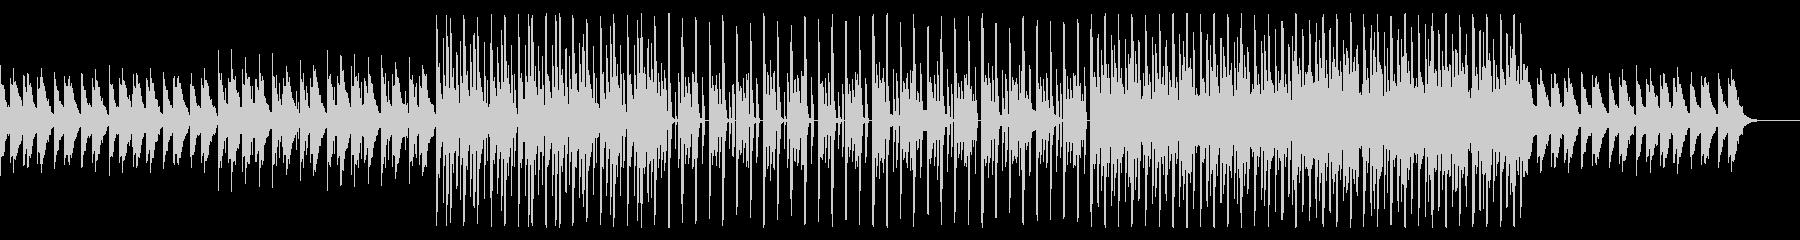 レトロな雰囲気の寂しげなテクノBGMの未再生の波形